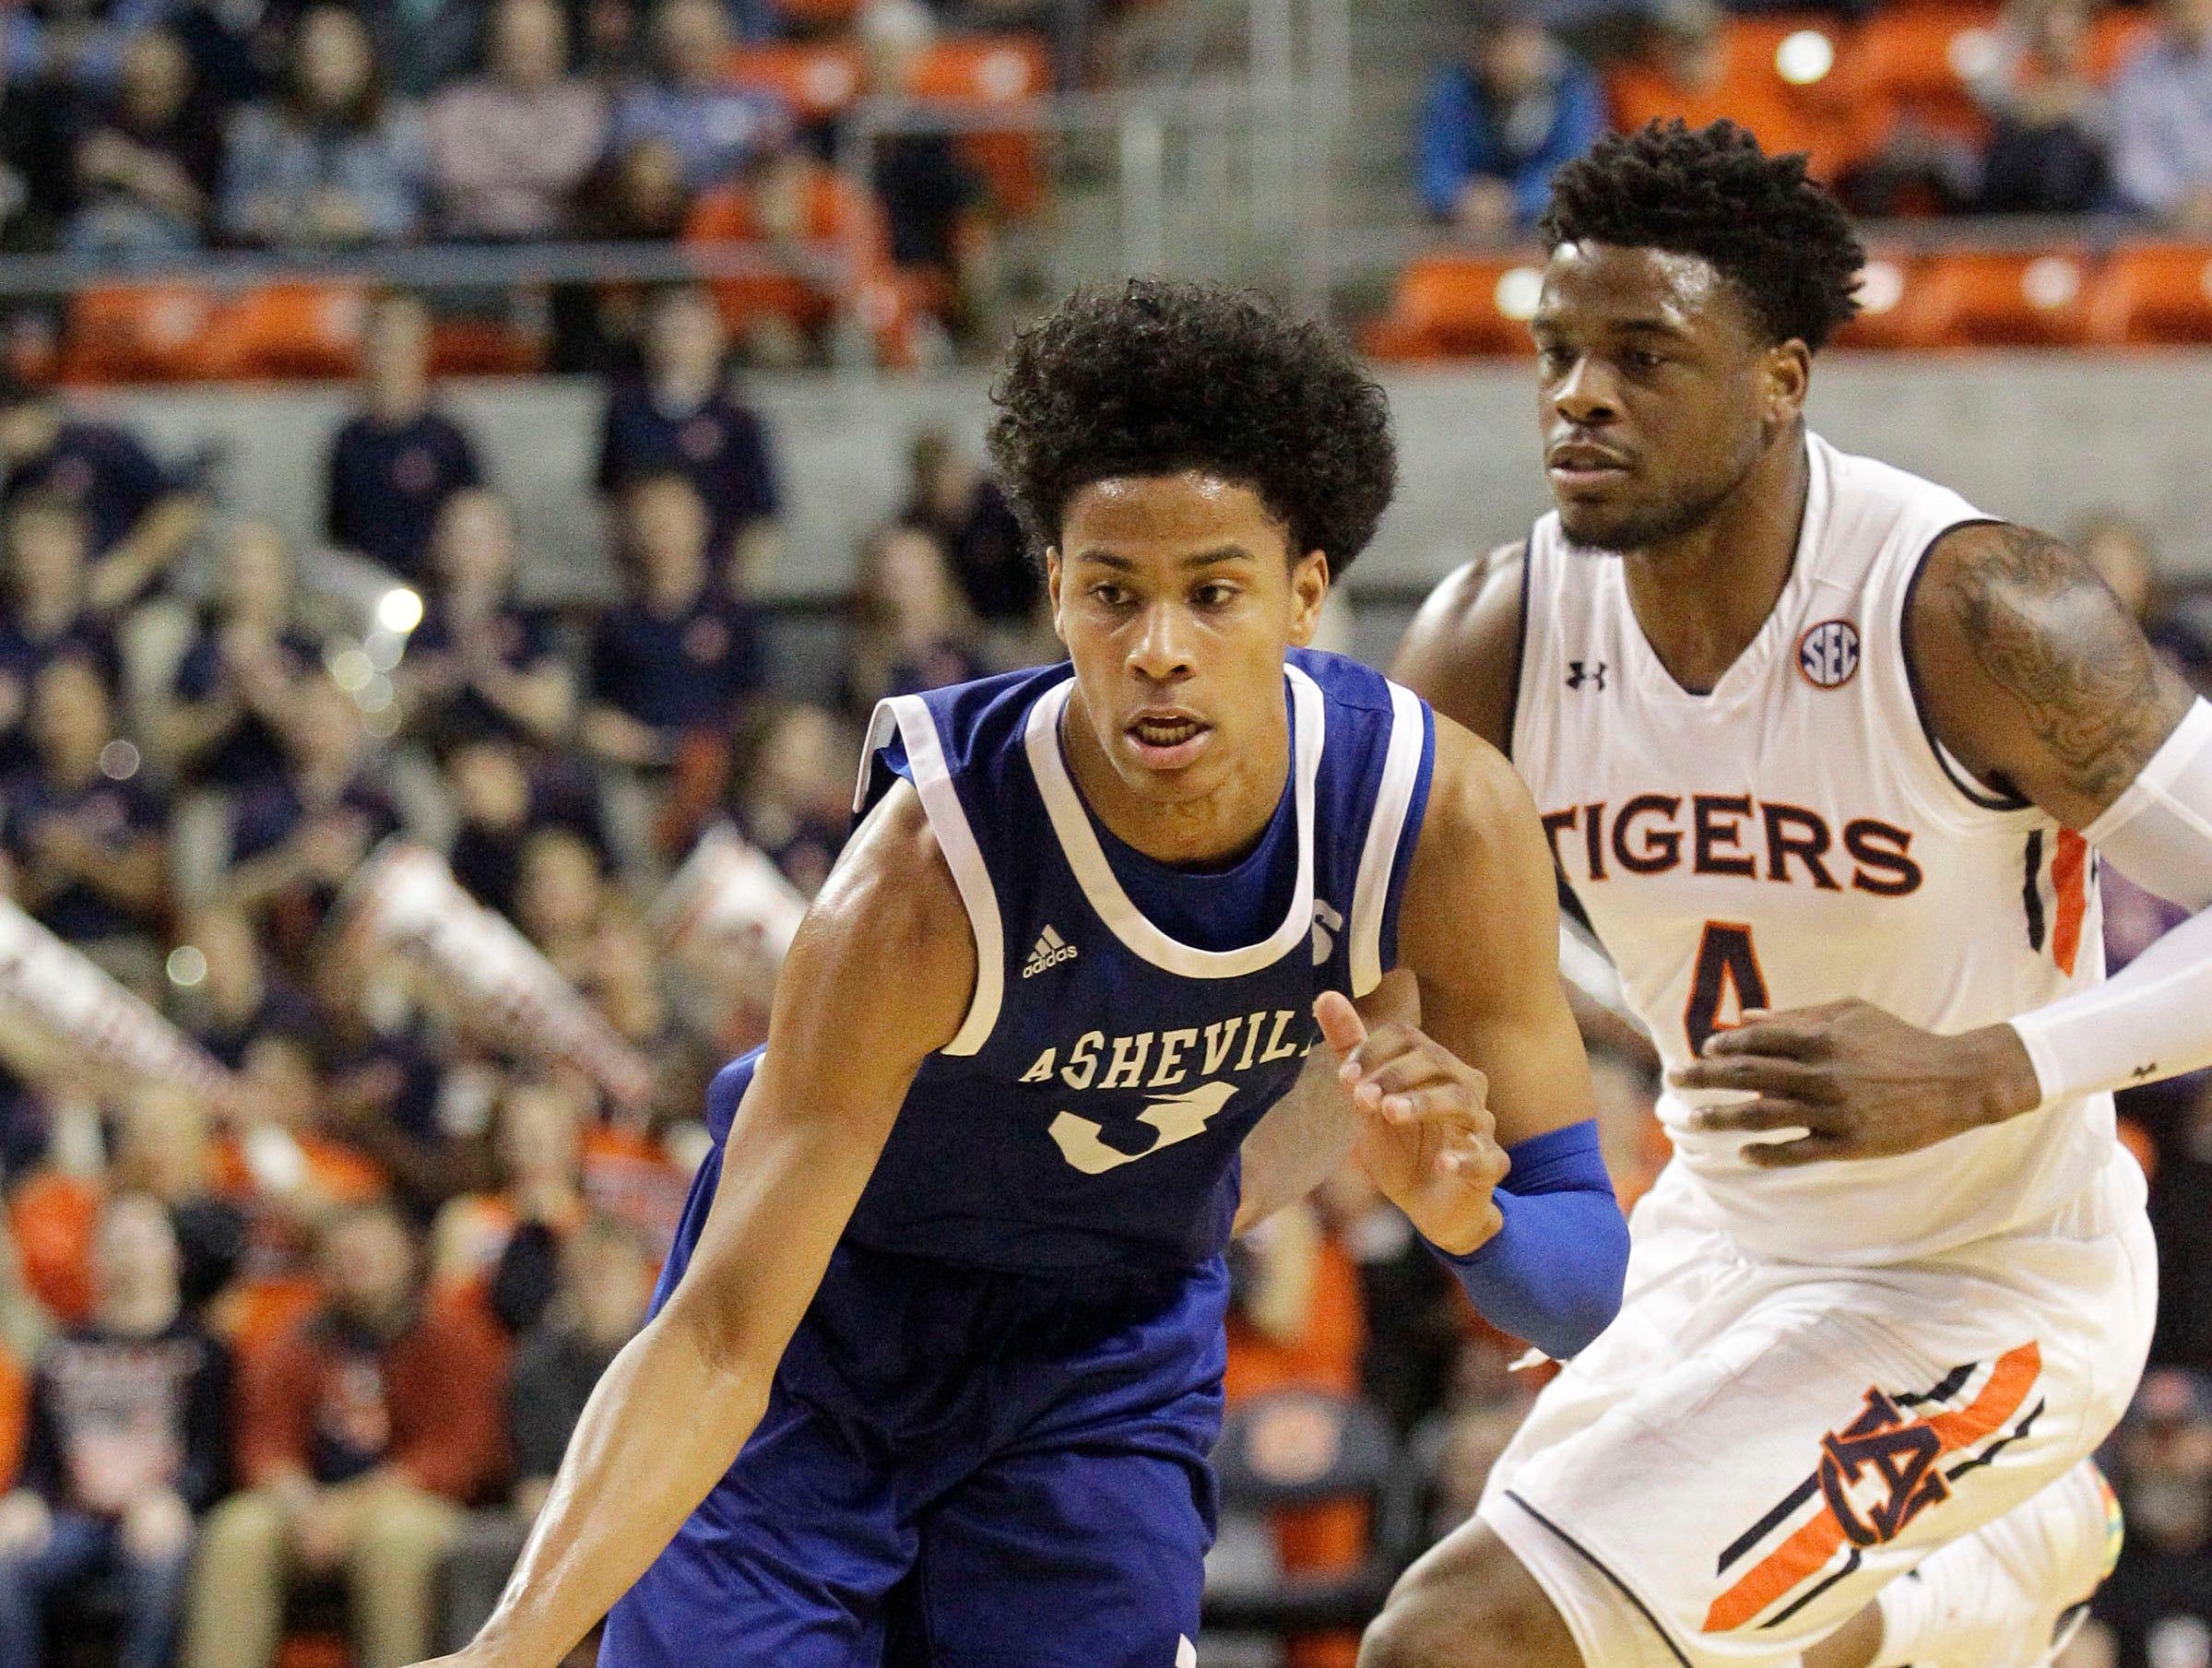 Dec 4, 2018; Auburn, AL, USA; UNC-Asheville Bulldogs guard Tajion Jones (3) dribbles past Auburn Tigers guard Malik Dunbar (4) during the first half at Auburn Arena. Mandatory Credit: John Reed-USA TODAY Sports